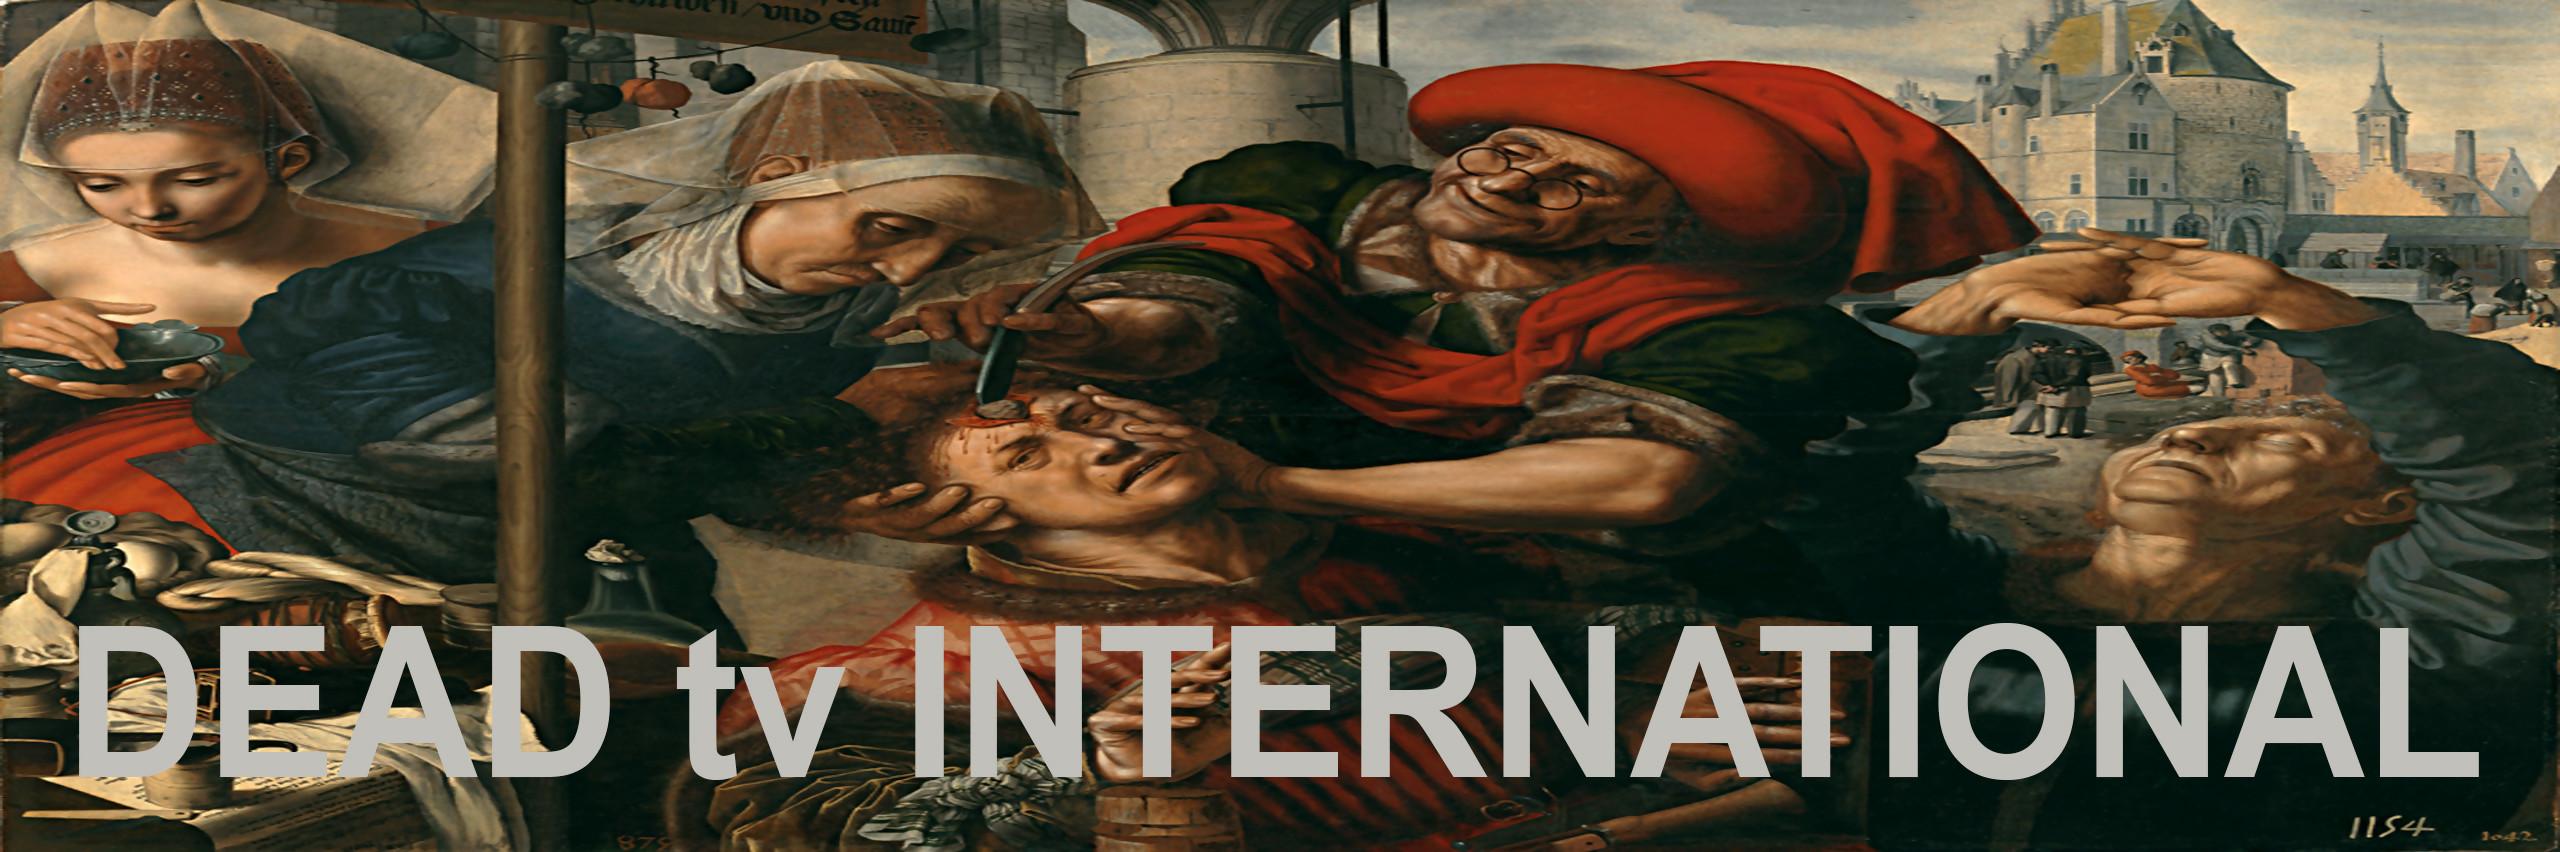 DEAD TV INTERNATIONAL